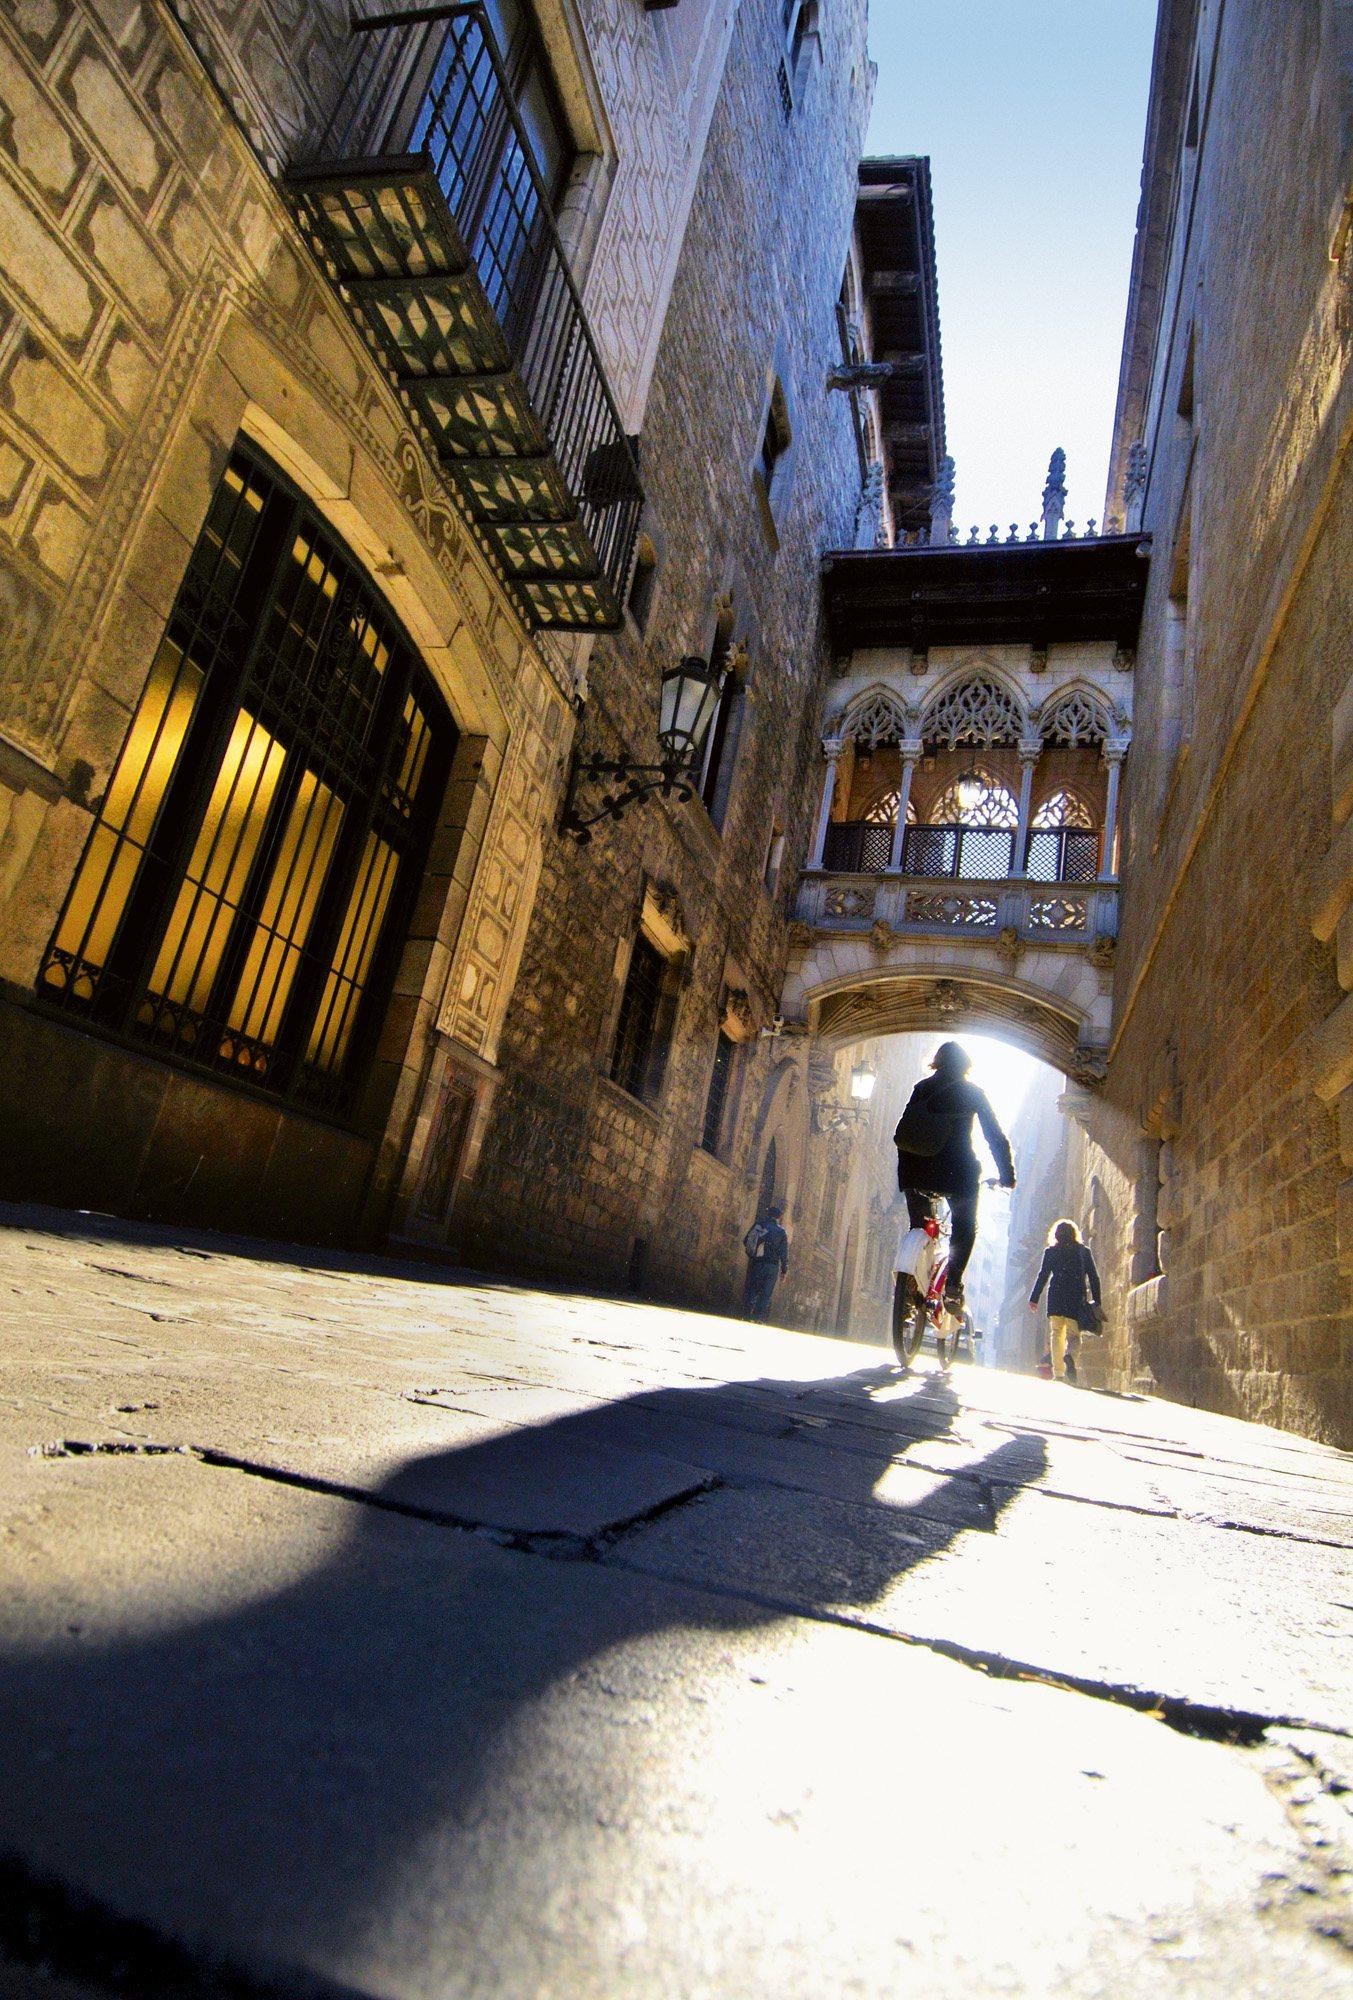 Rincones con encanto del barri g tic de barcelona for Rincones de jardines con encanto